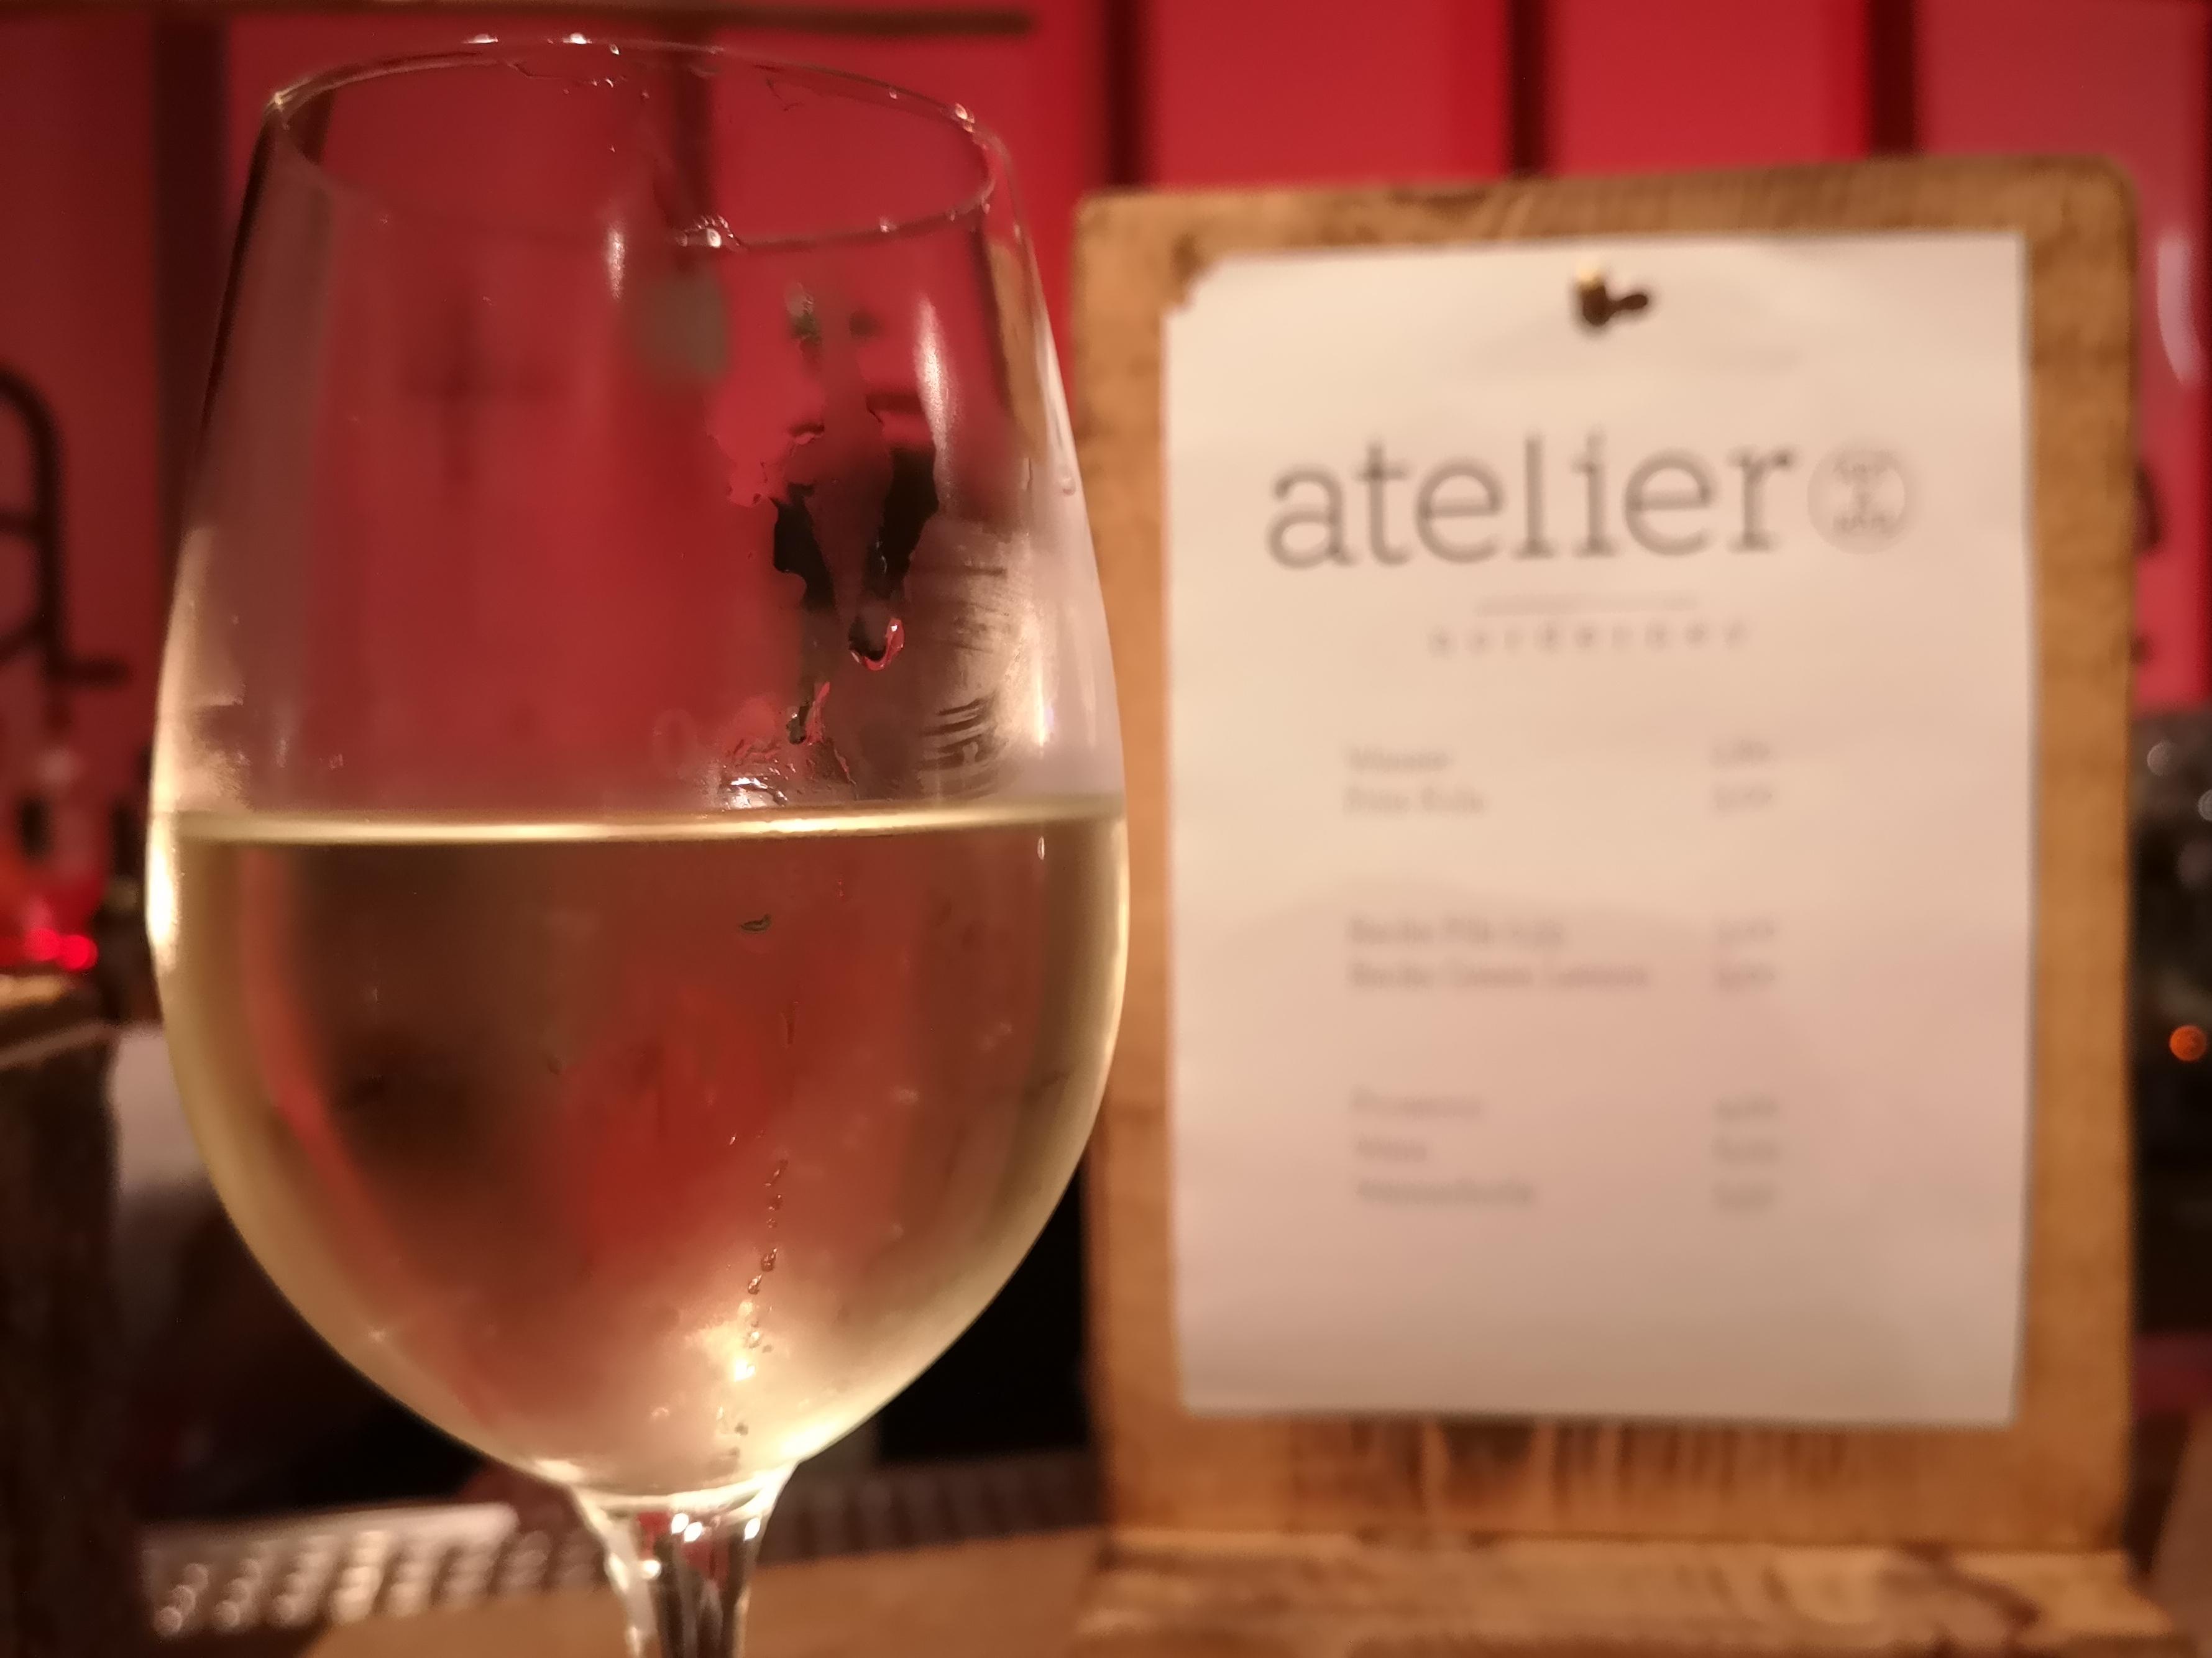 Atelier, Inselblogger Norderney, Kurtheater Norderney, Atelierbar, Wein